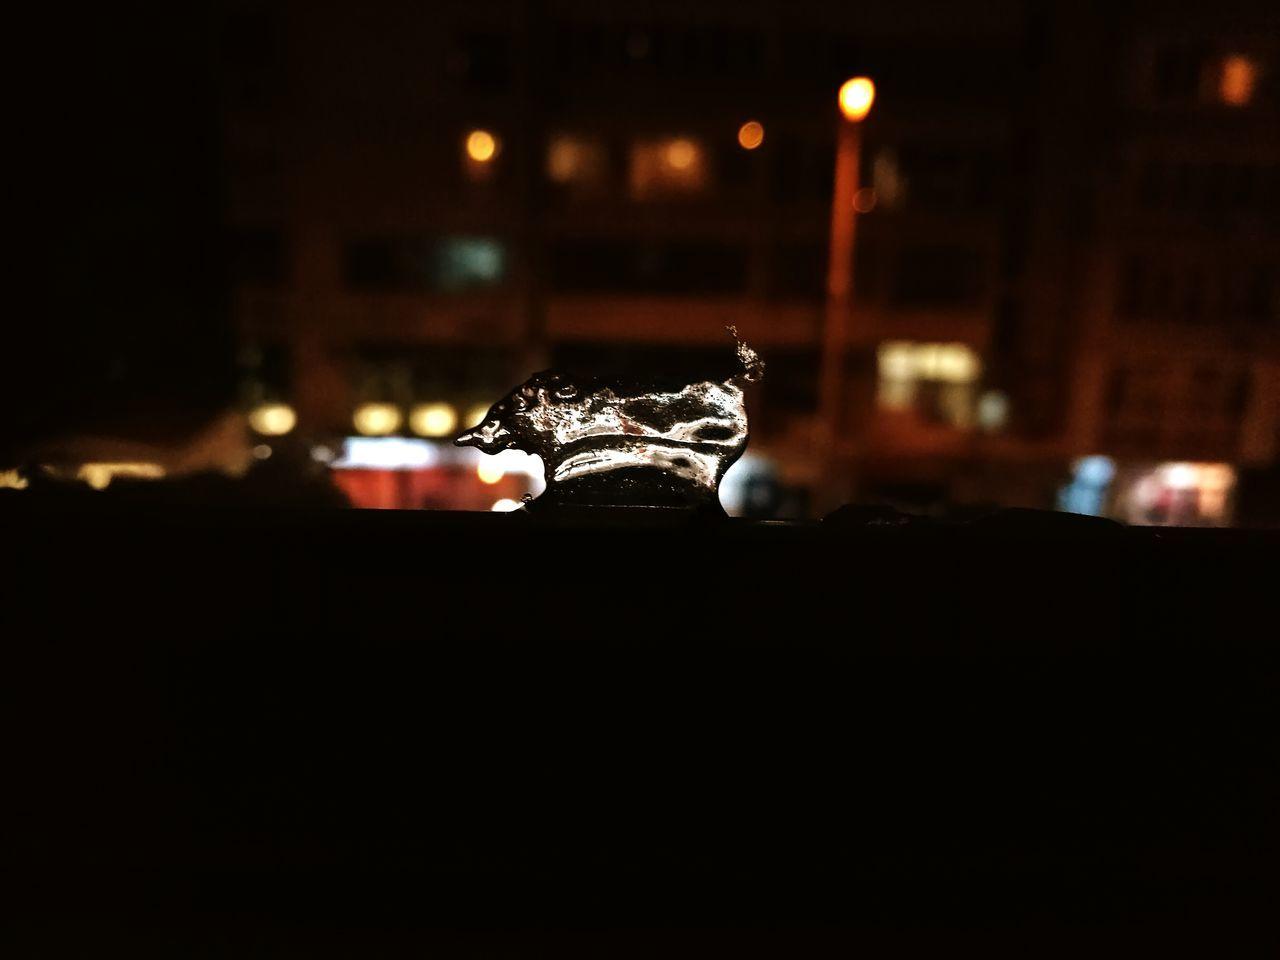 night, illuminated, no people, close-up, indoors